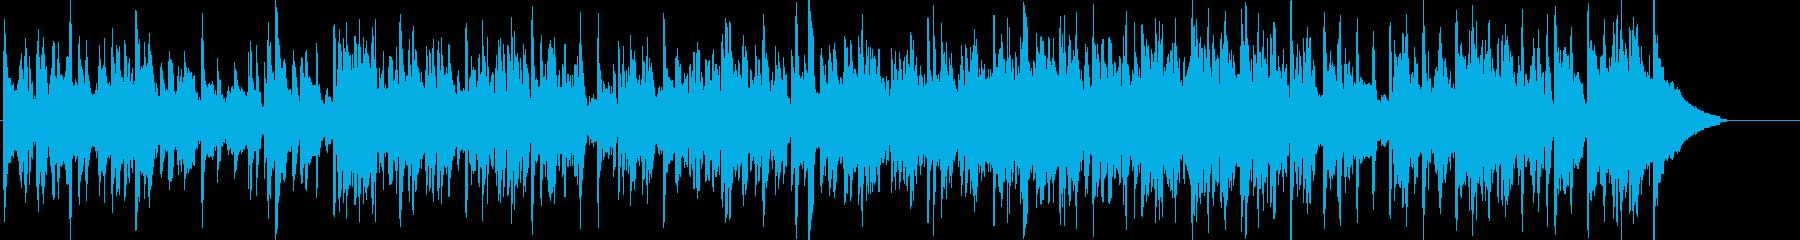 アコースティックギターによるフュージョンの再生済みの波形